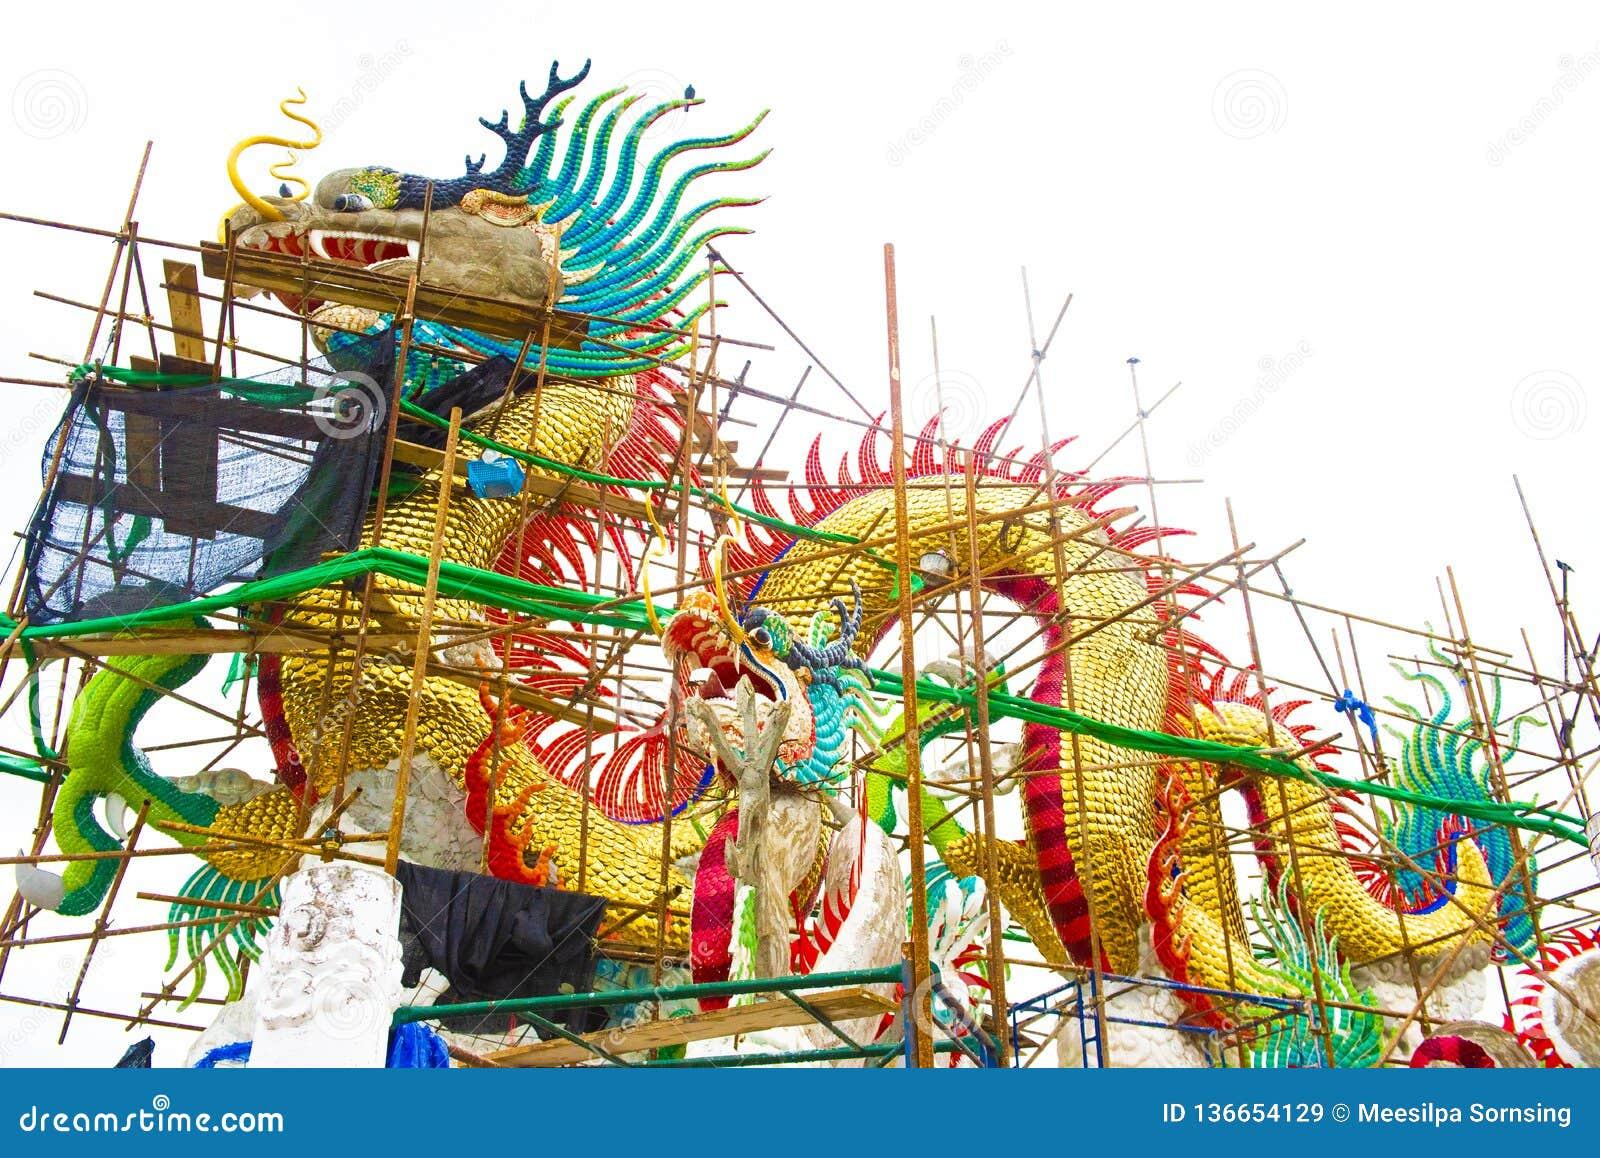 Nakhon Sawan Festival,lamp,hanging Lamp,king Lght ,Chinese